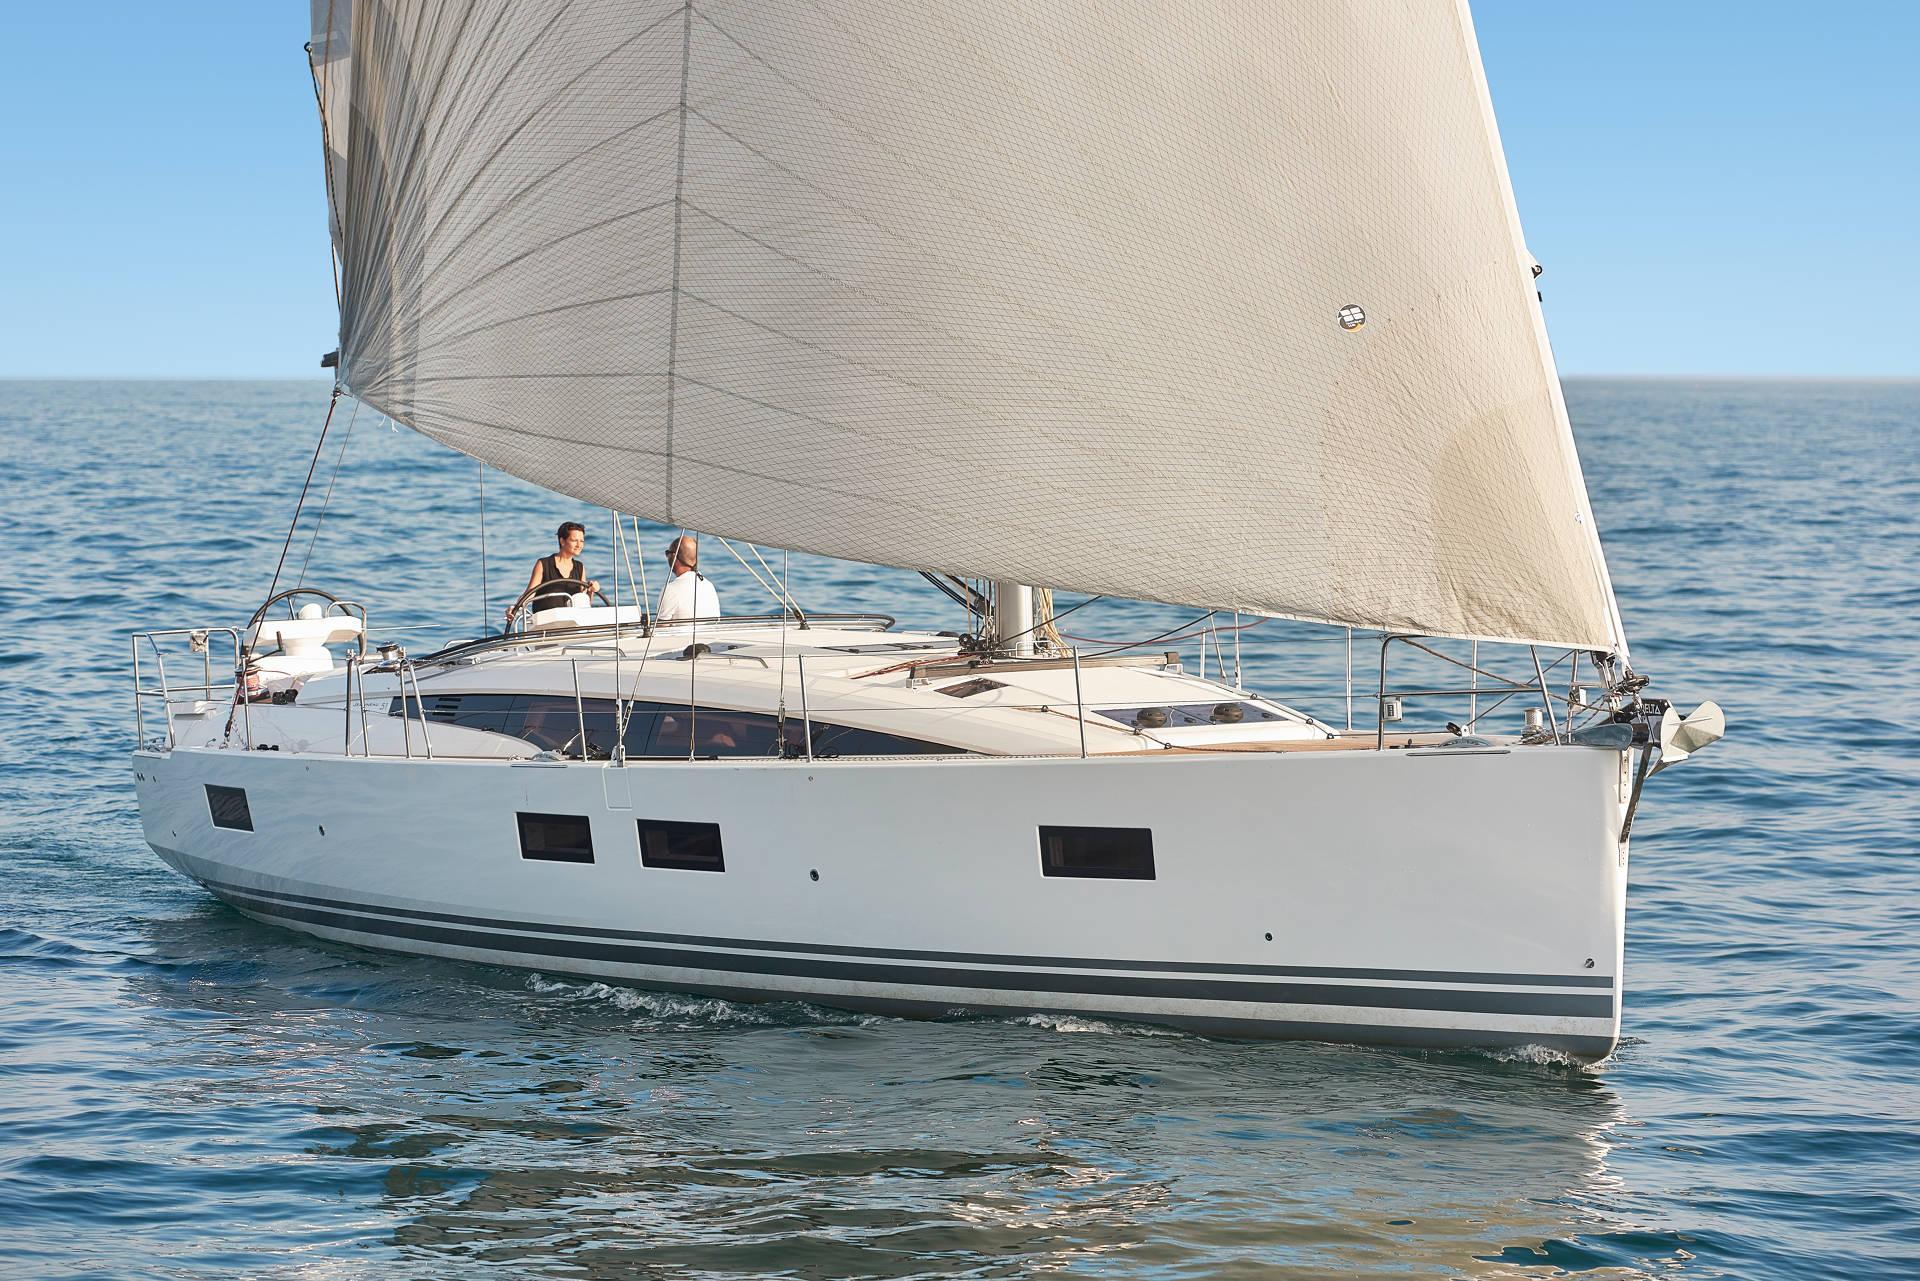 acvheter-bateau-voilier